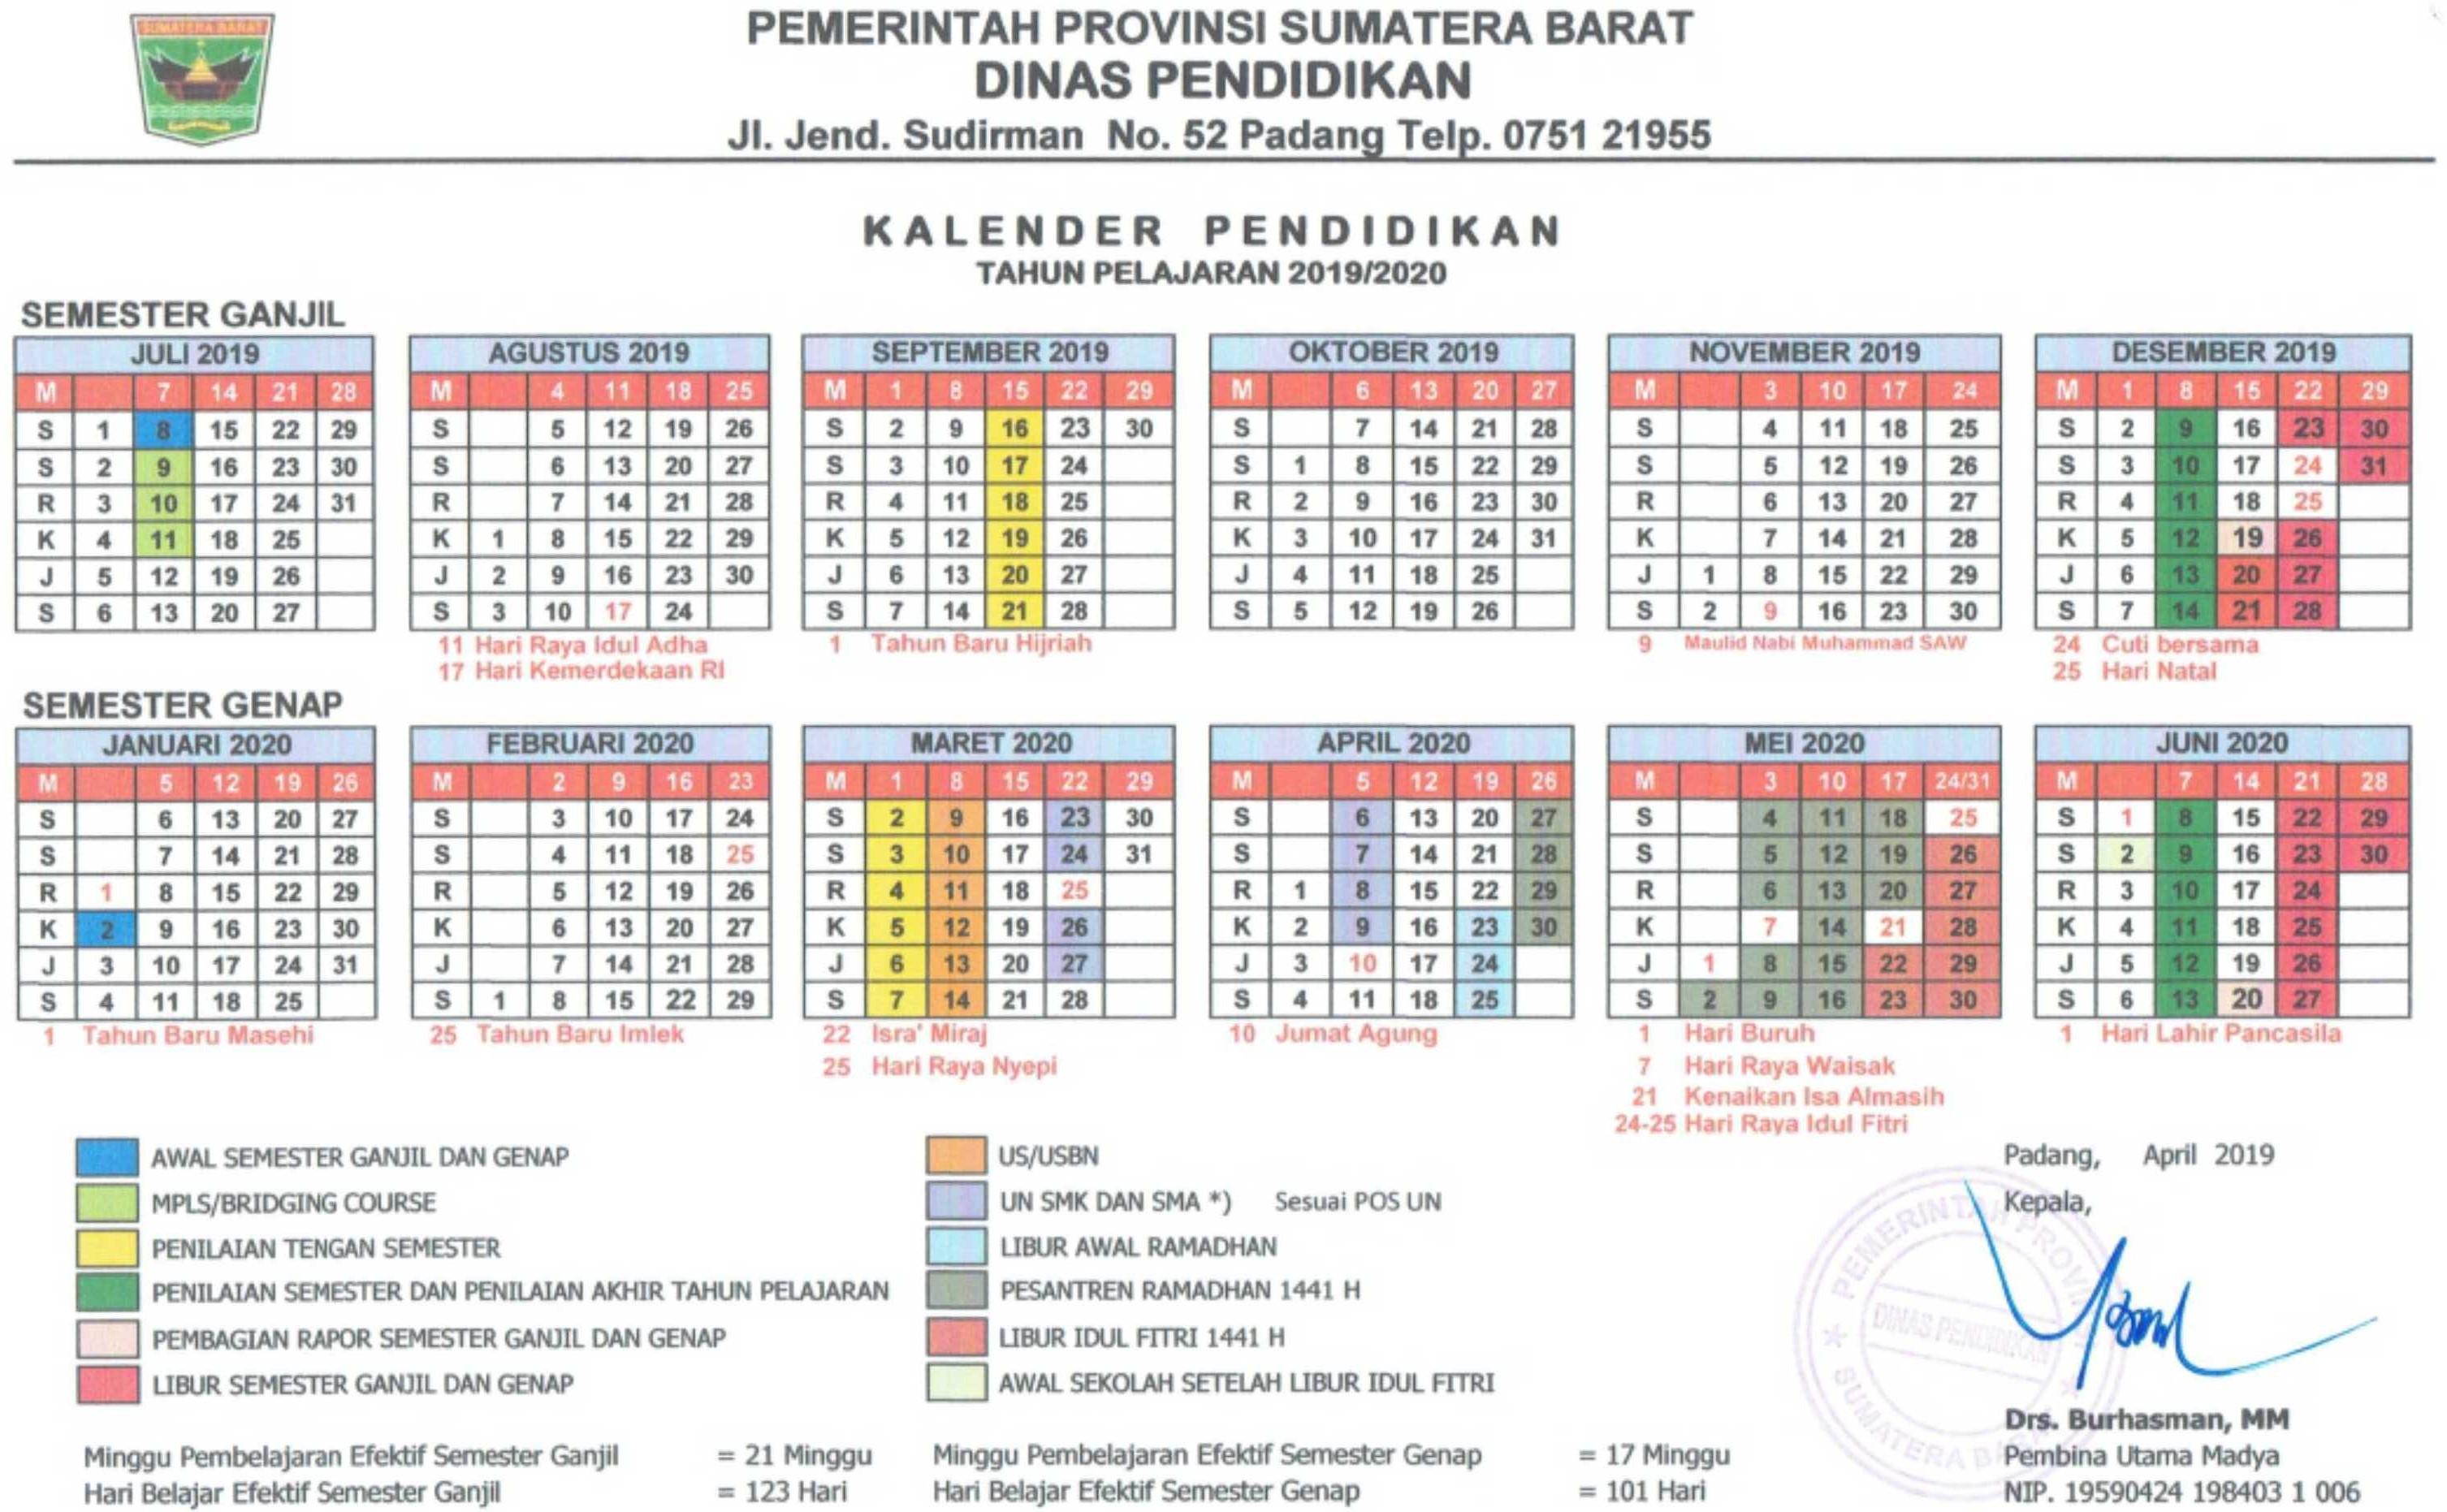 kalender pendidikan tahun pelajaran 2019-2020 provinsi sumatera barat (semeseter ganjil-semester genap)